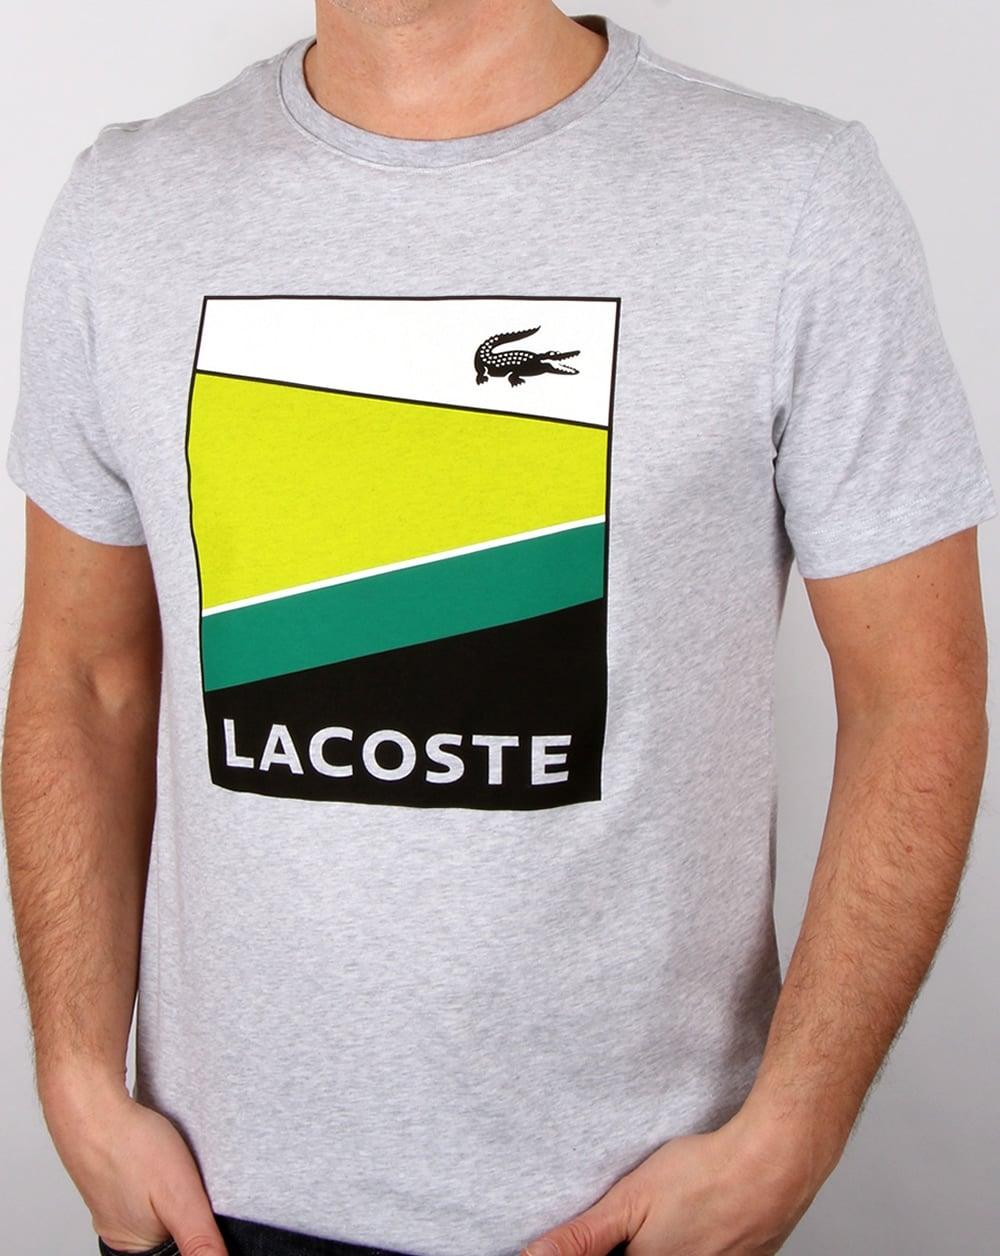 e6c54c46e6c Lacoste Lacoste Geometric Print T Shirt Silver Chine white